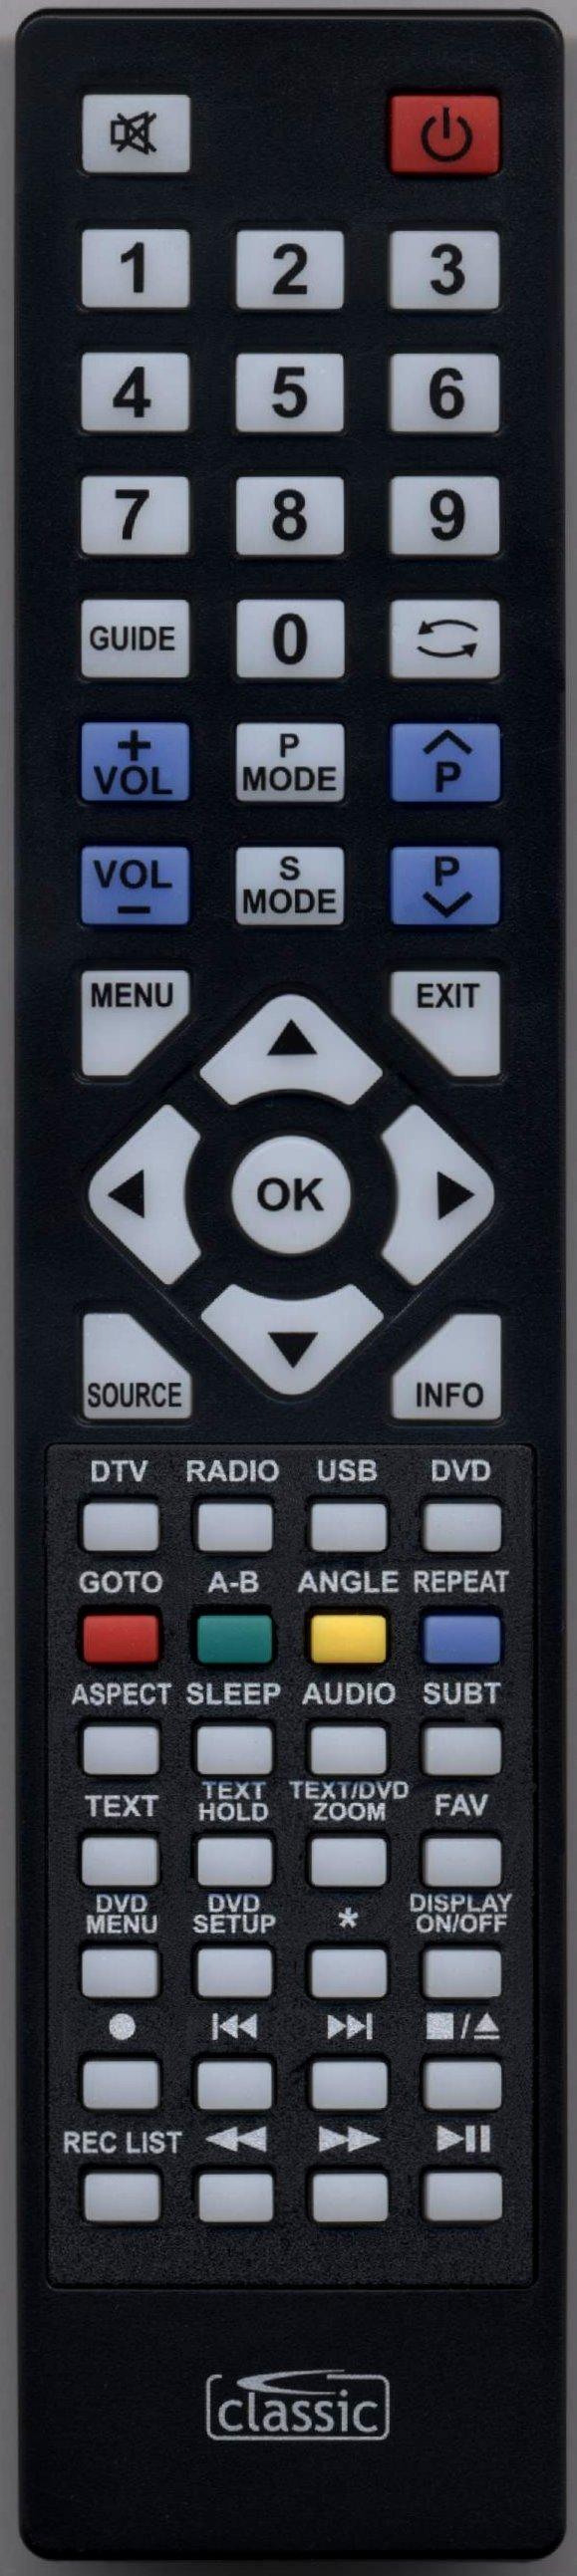 Blaupunkt 32/133O-WB-11B-EGDU-UK Remote Control Alternative